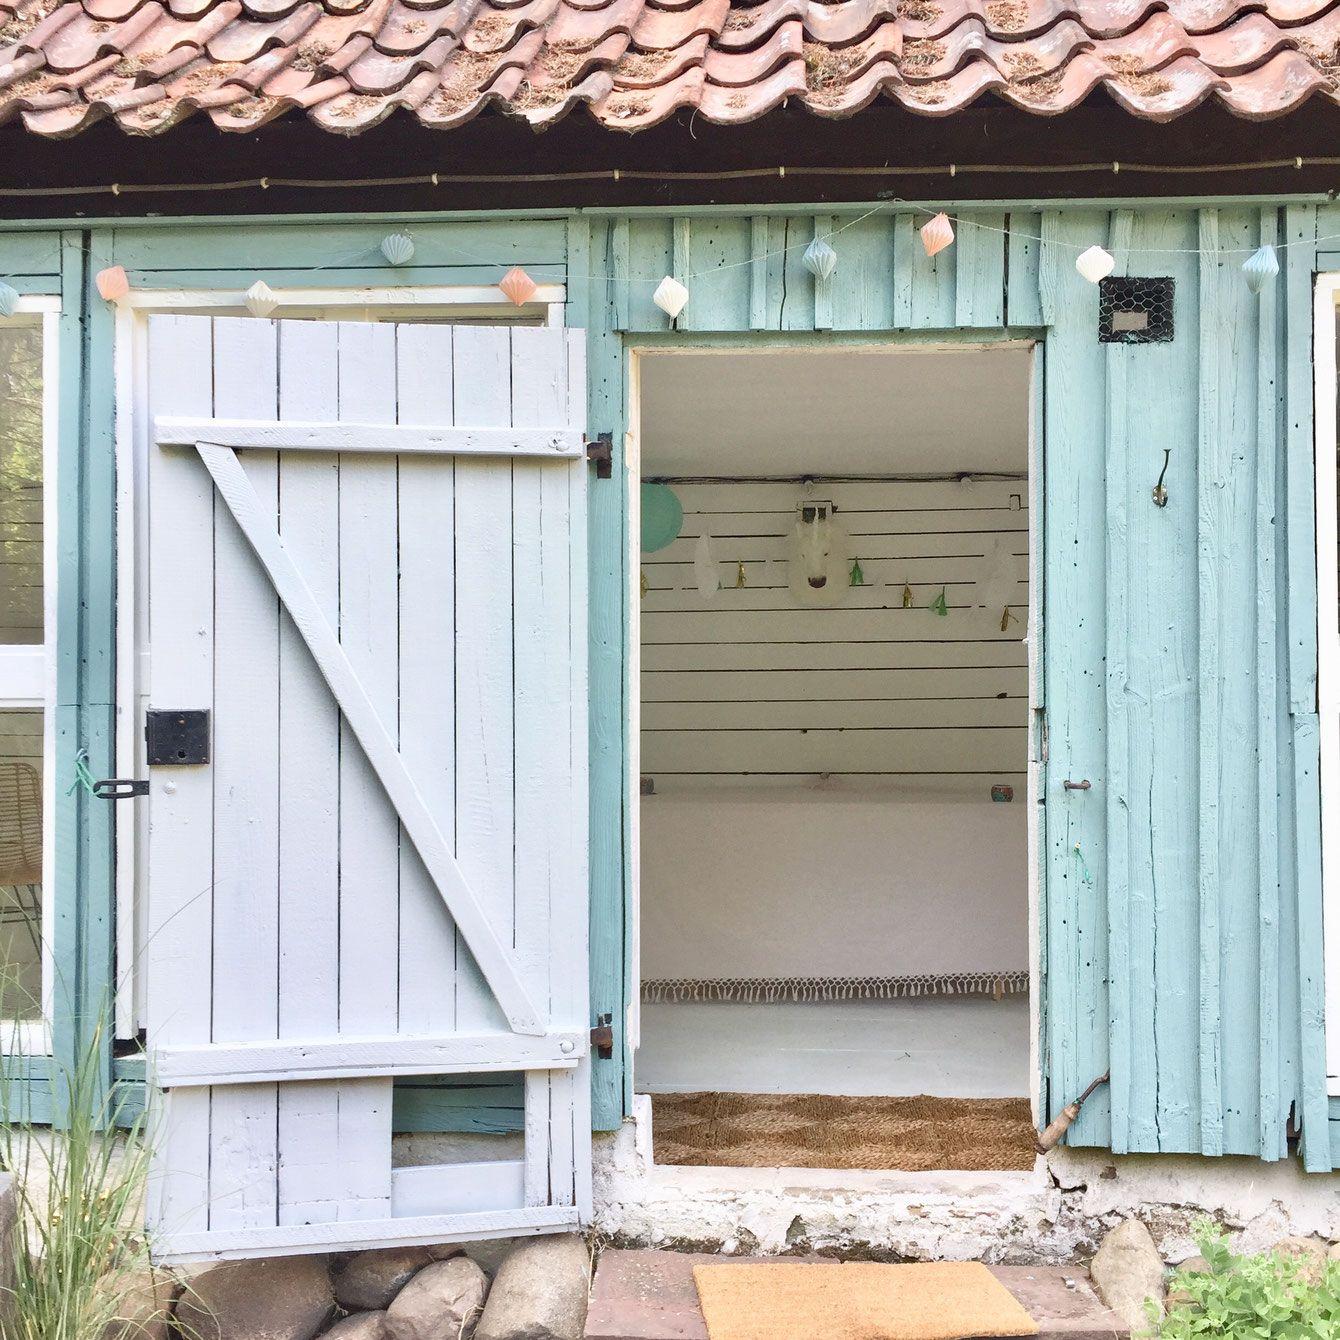 Lybstes Haus Gartenhaus Renovieren In Mint Und Grau Hauskauf2018 Interiordesign Gartenhaus Holzhutte Garten Gartenhaus Farbe